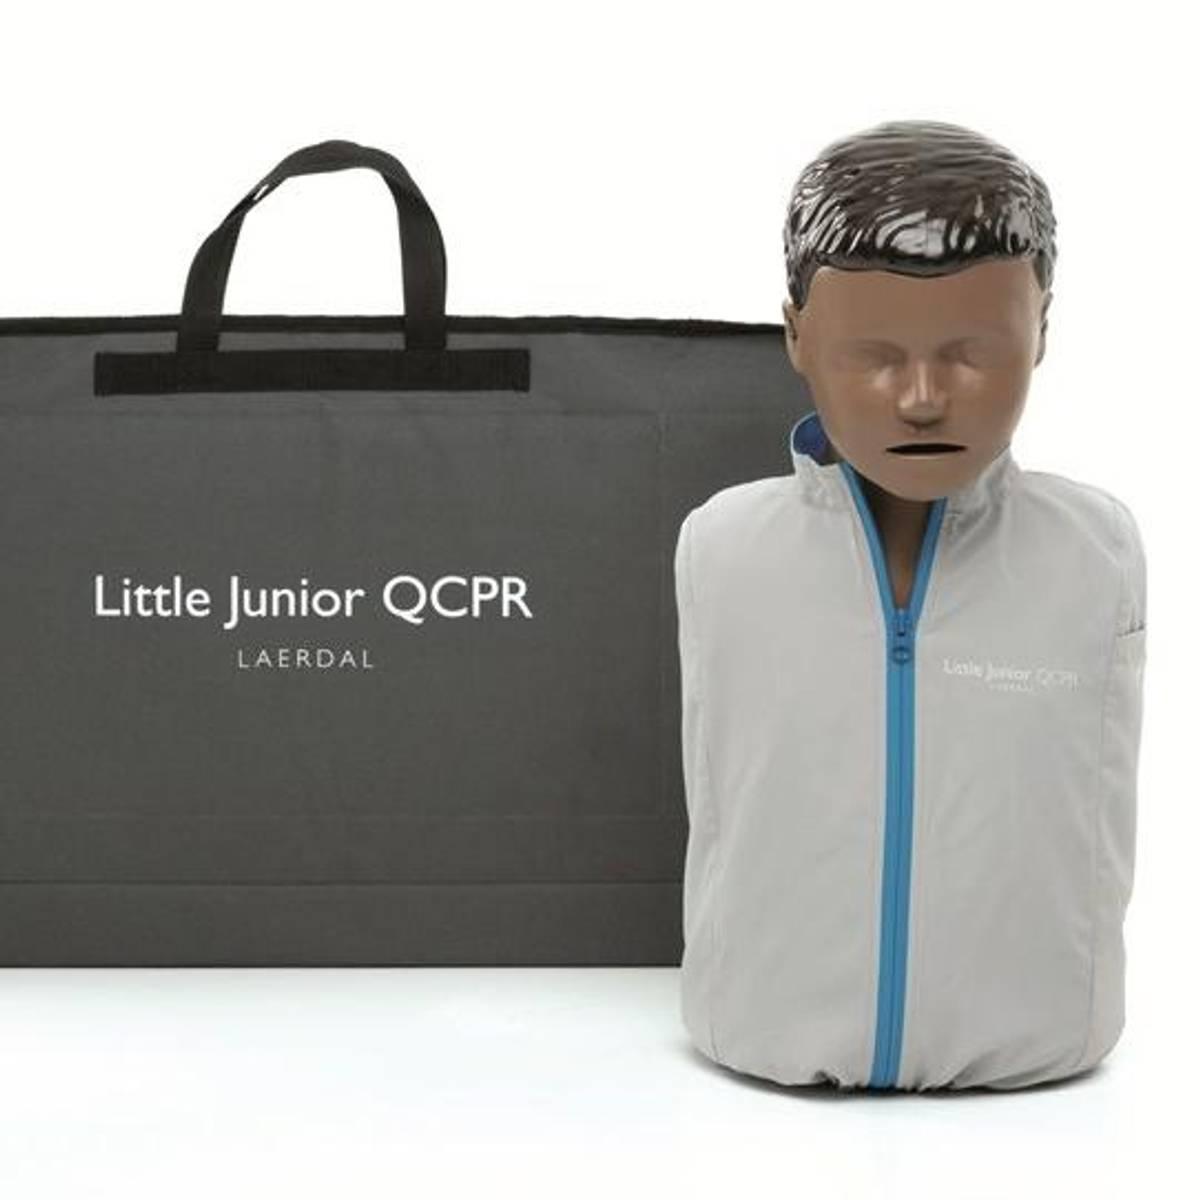 Little Junior QCPR Dark